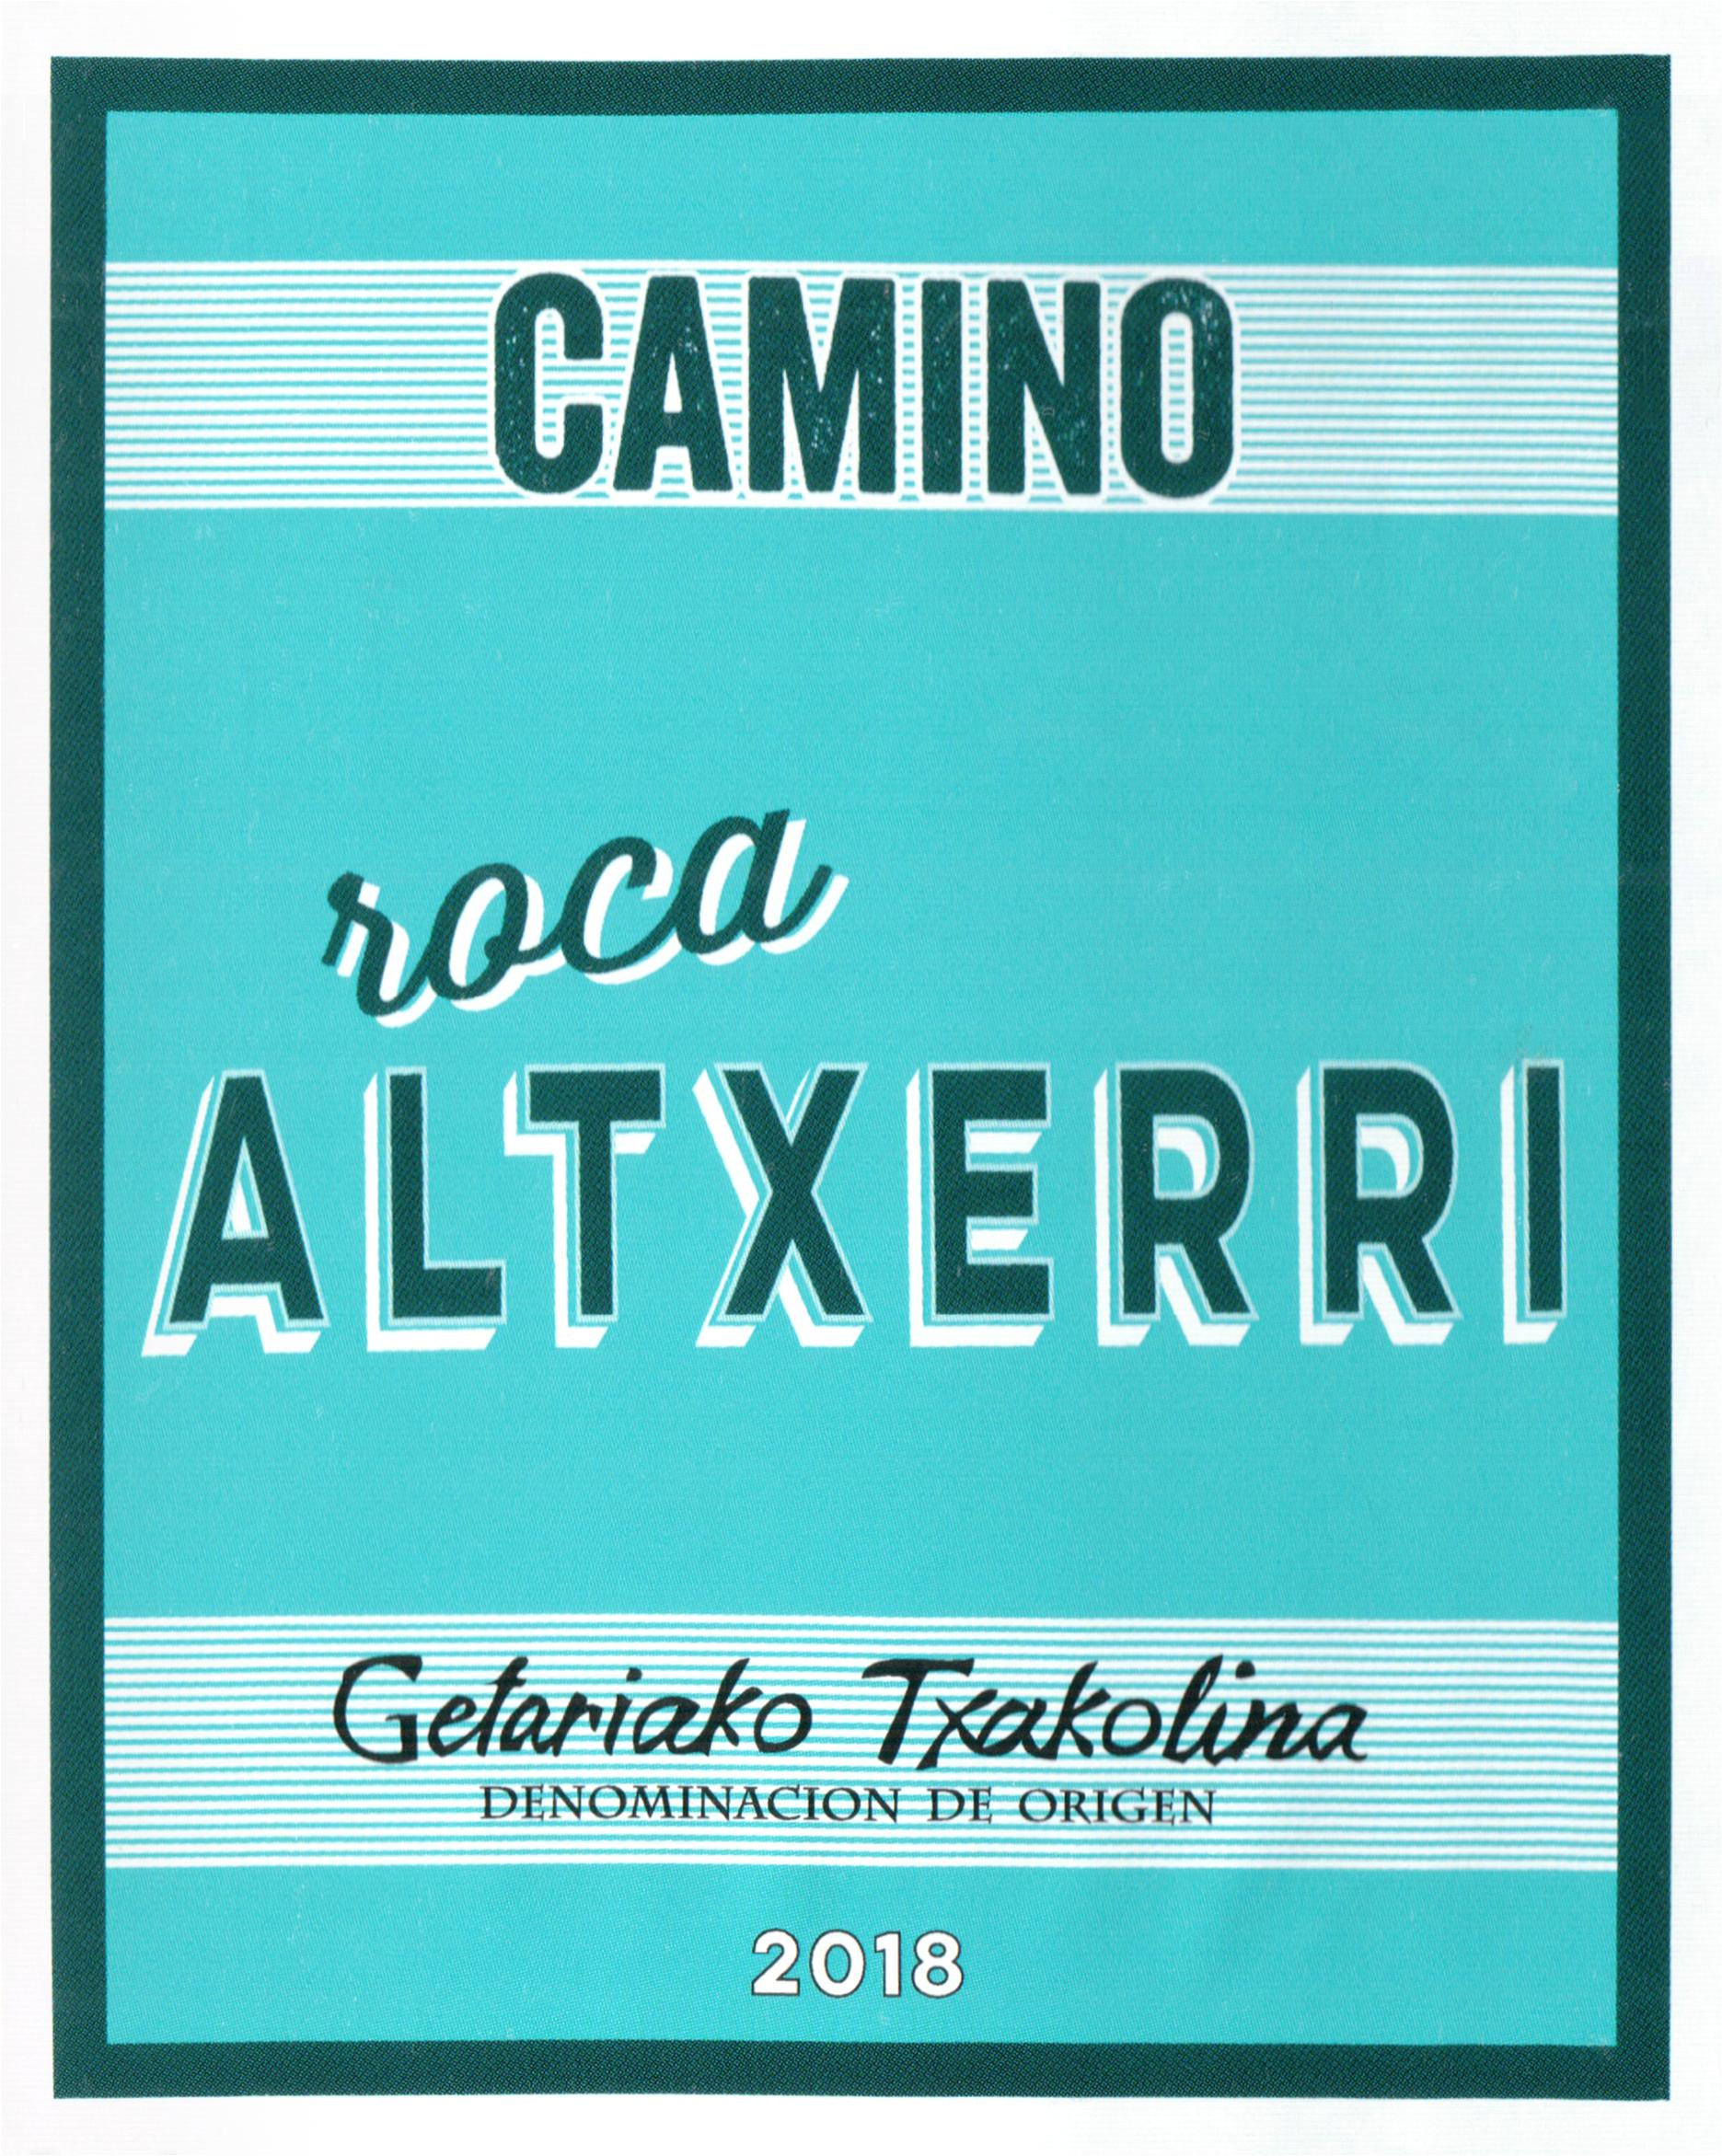 Camino Roca Altxerri Txakolina 2018